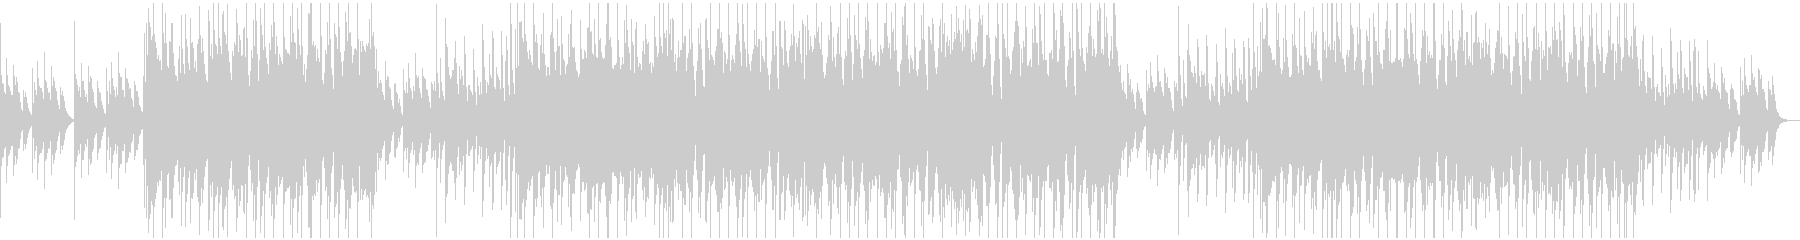 可愛らしいキラキラポップスBGMの未再生の波形